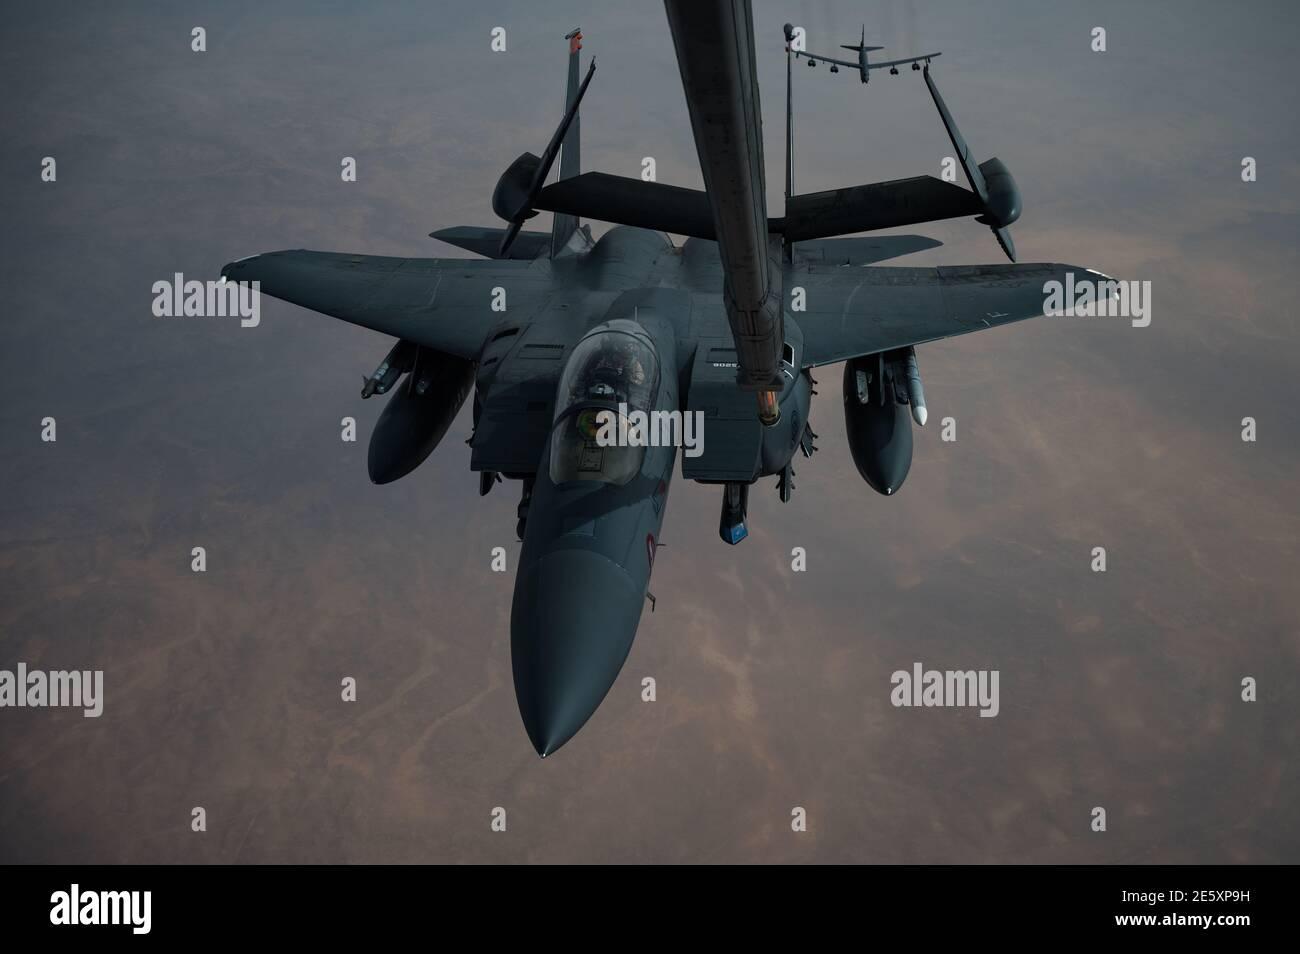 Golfe persique, Arabie Saoudite. 27 janvier 2021. Un avion de chasse F-15E Strike Eagle de la Force aérienne américaine ravitaillerait en carburant un KC-135 Stratotanker lors d'un déploiement de courte durée au milieu de l'est le 27 janvier 202 au-dessus du golfe Persique. Le combattant escorte les bombardiers stratégiques B-52 StratoFortress de la 2e Escadre Bomb. Credit: Planetpix/Alamy Live News Banque D'Images